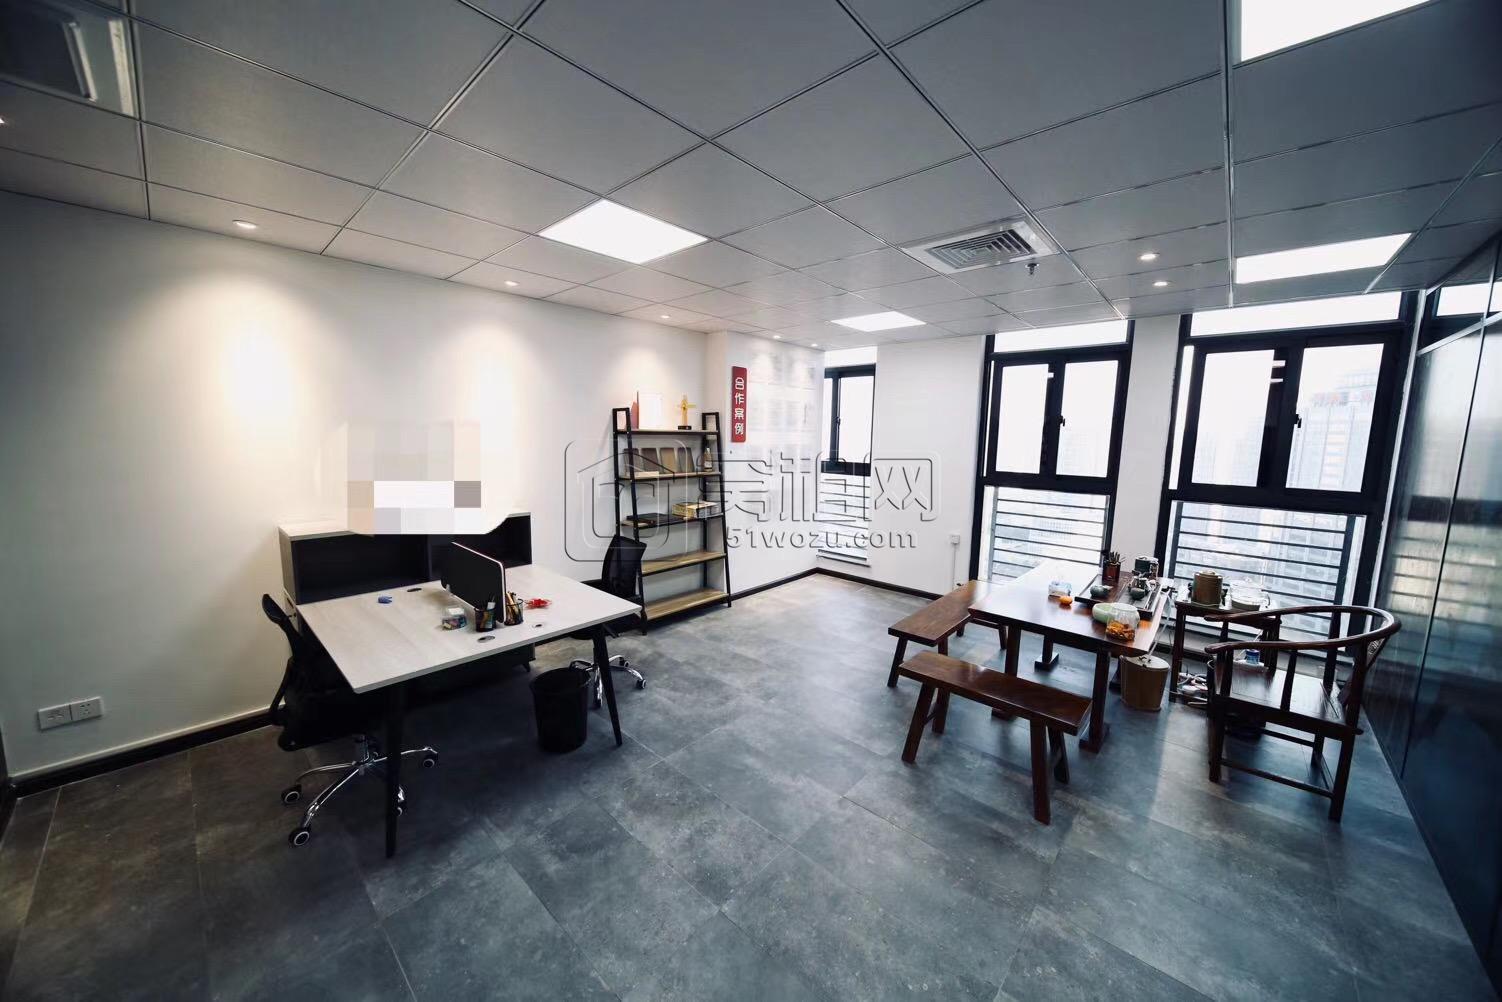 宁波高新区翡翠湾电梯口位置办公室出租